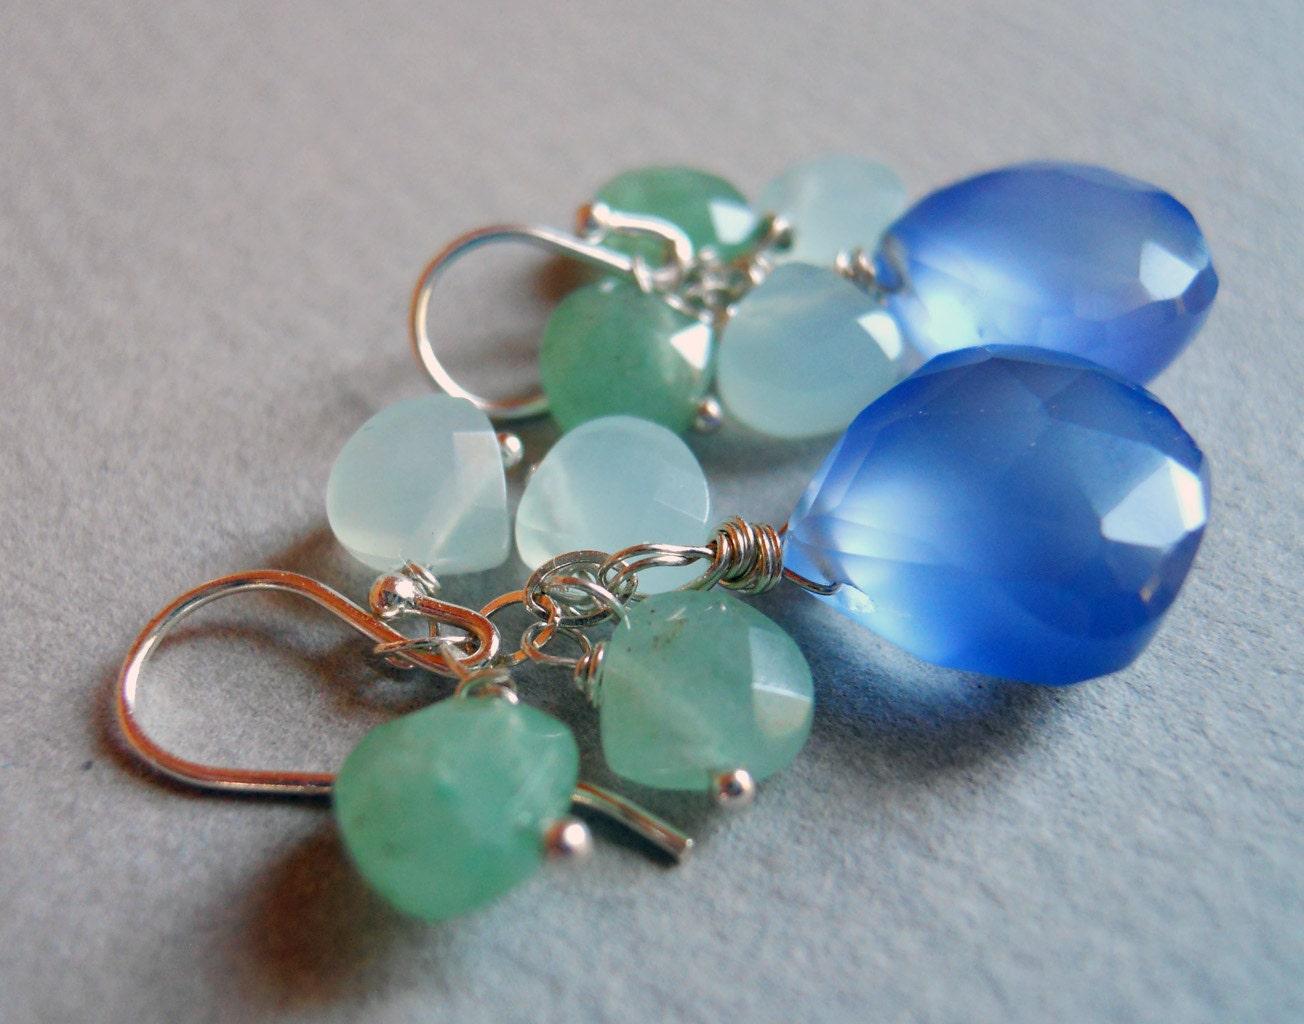 Hydrangea Heaven Earrings - $44.00 USD